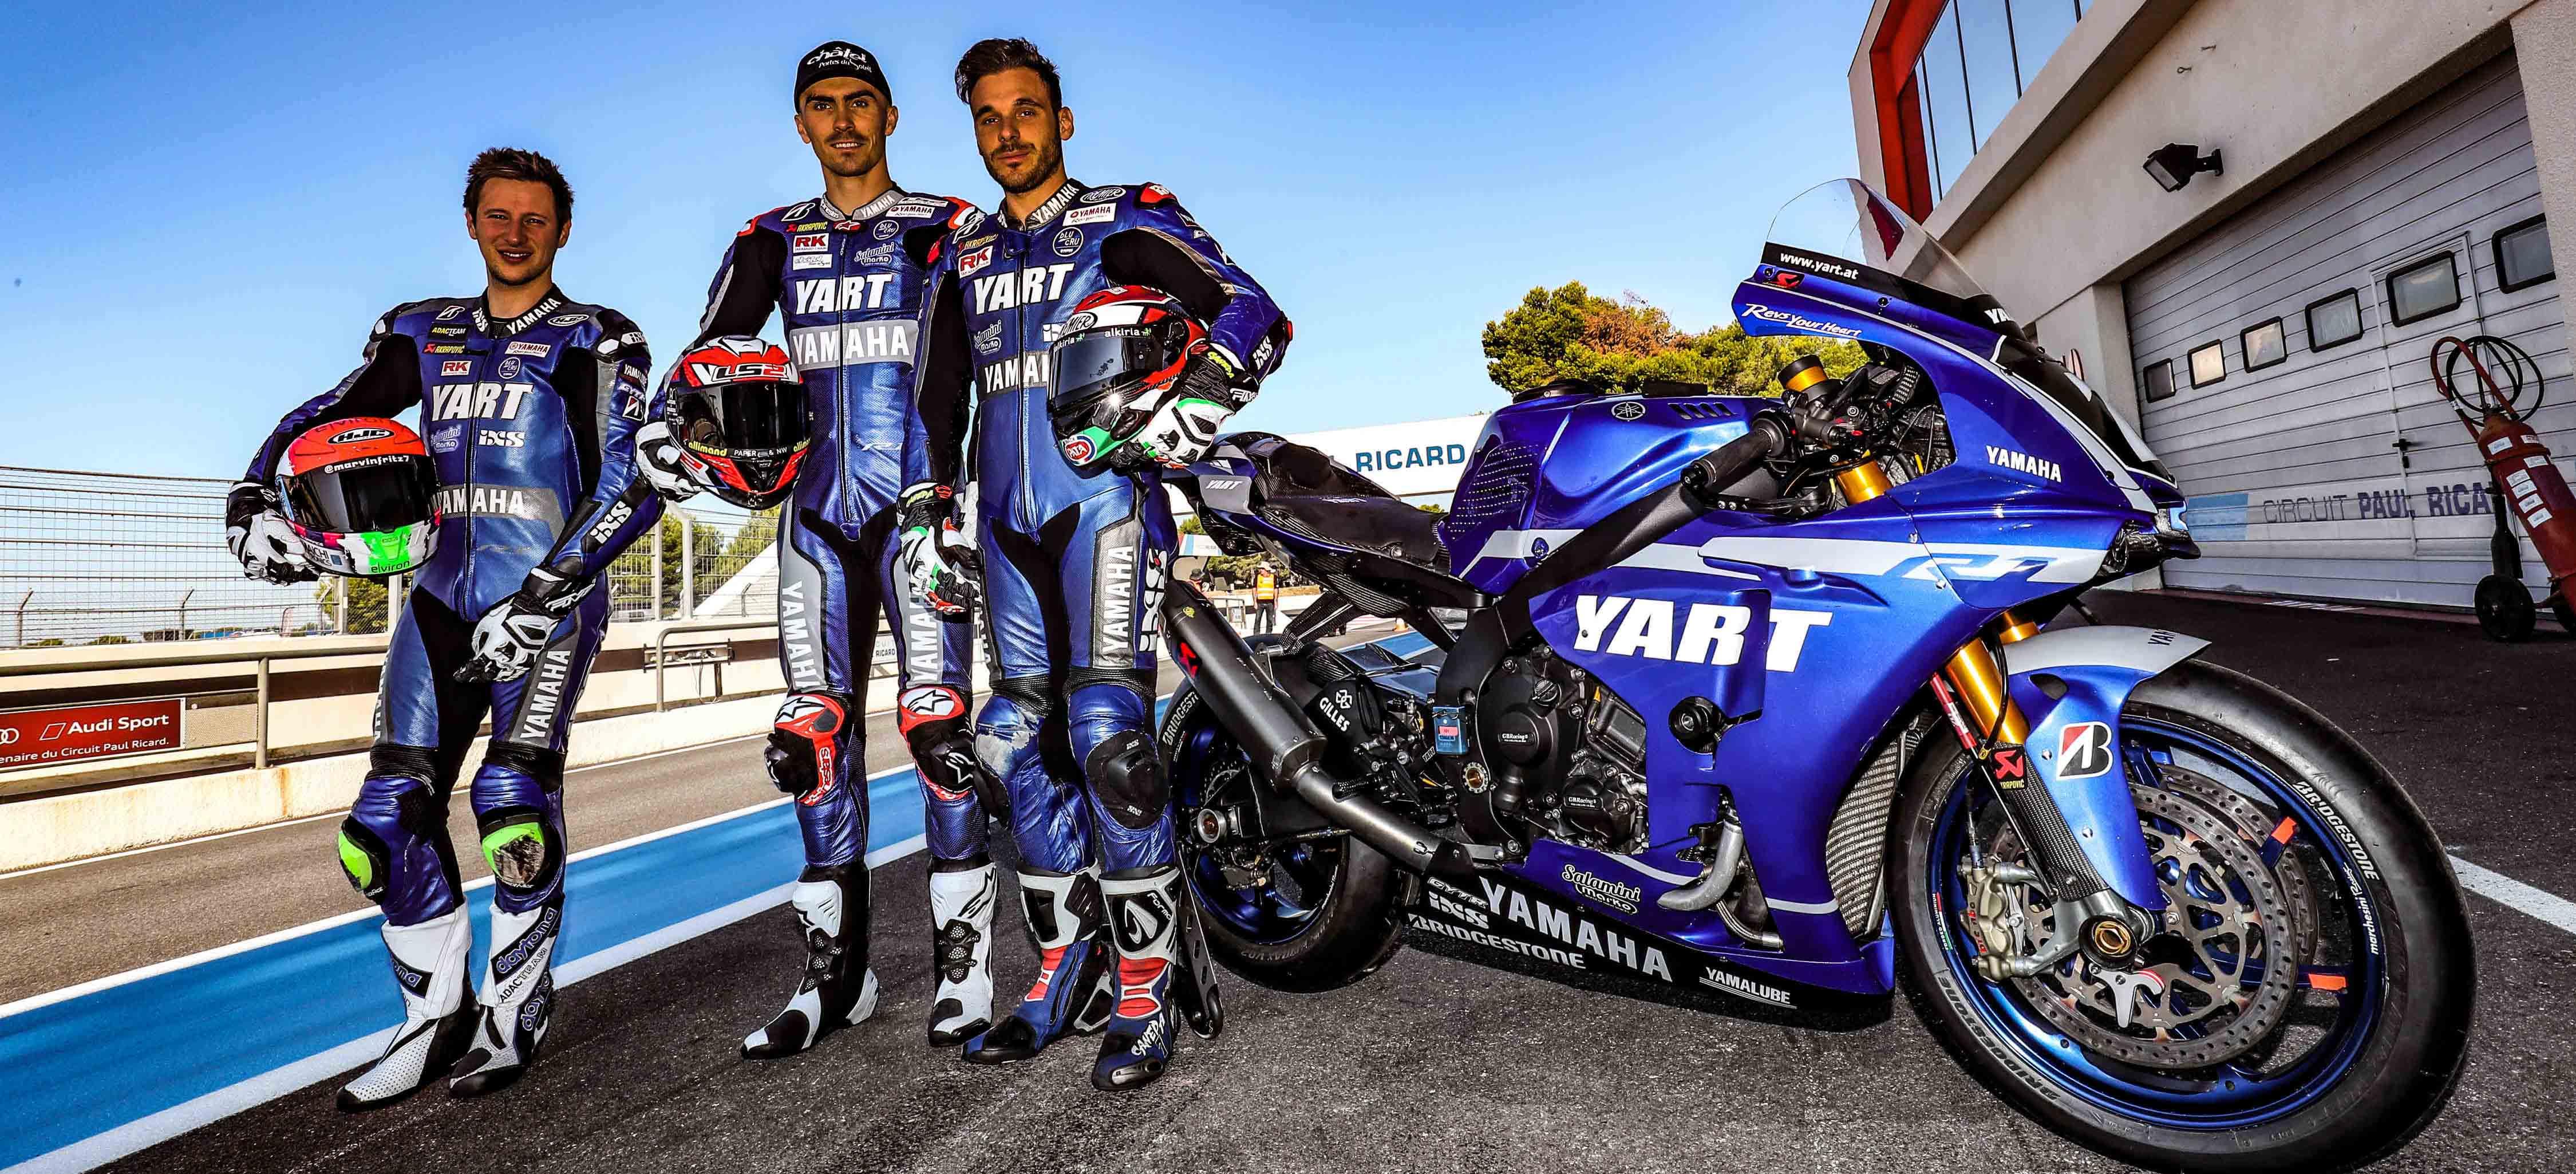 Yamaha YART làm chủ kết quả vòng chạy thử giải đua xe Bol d'Or